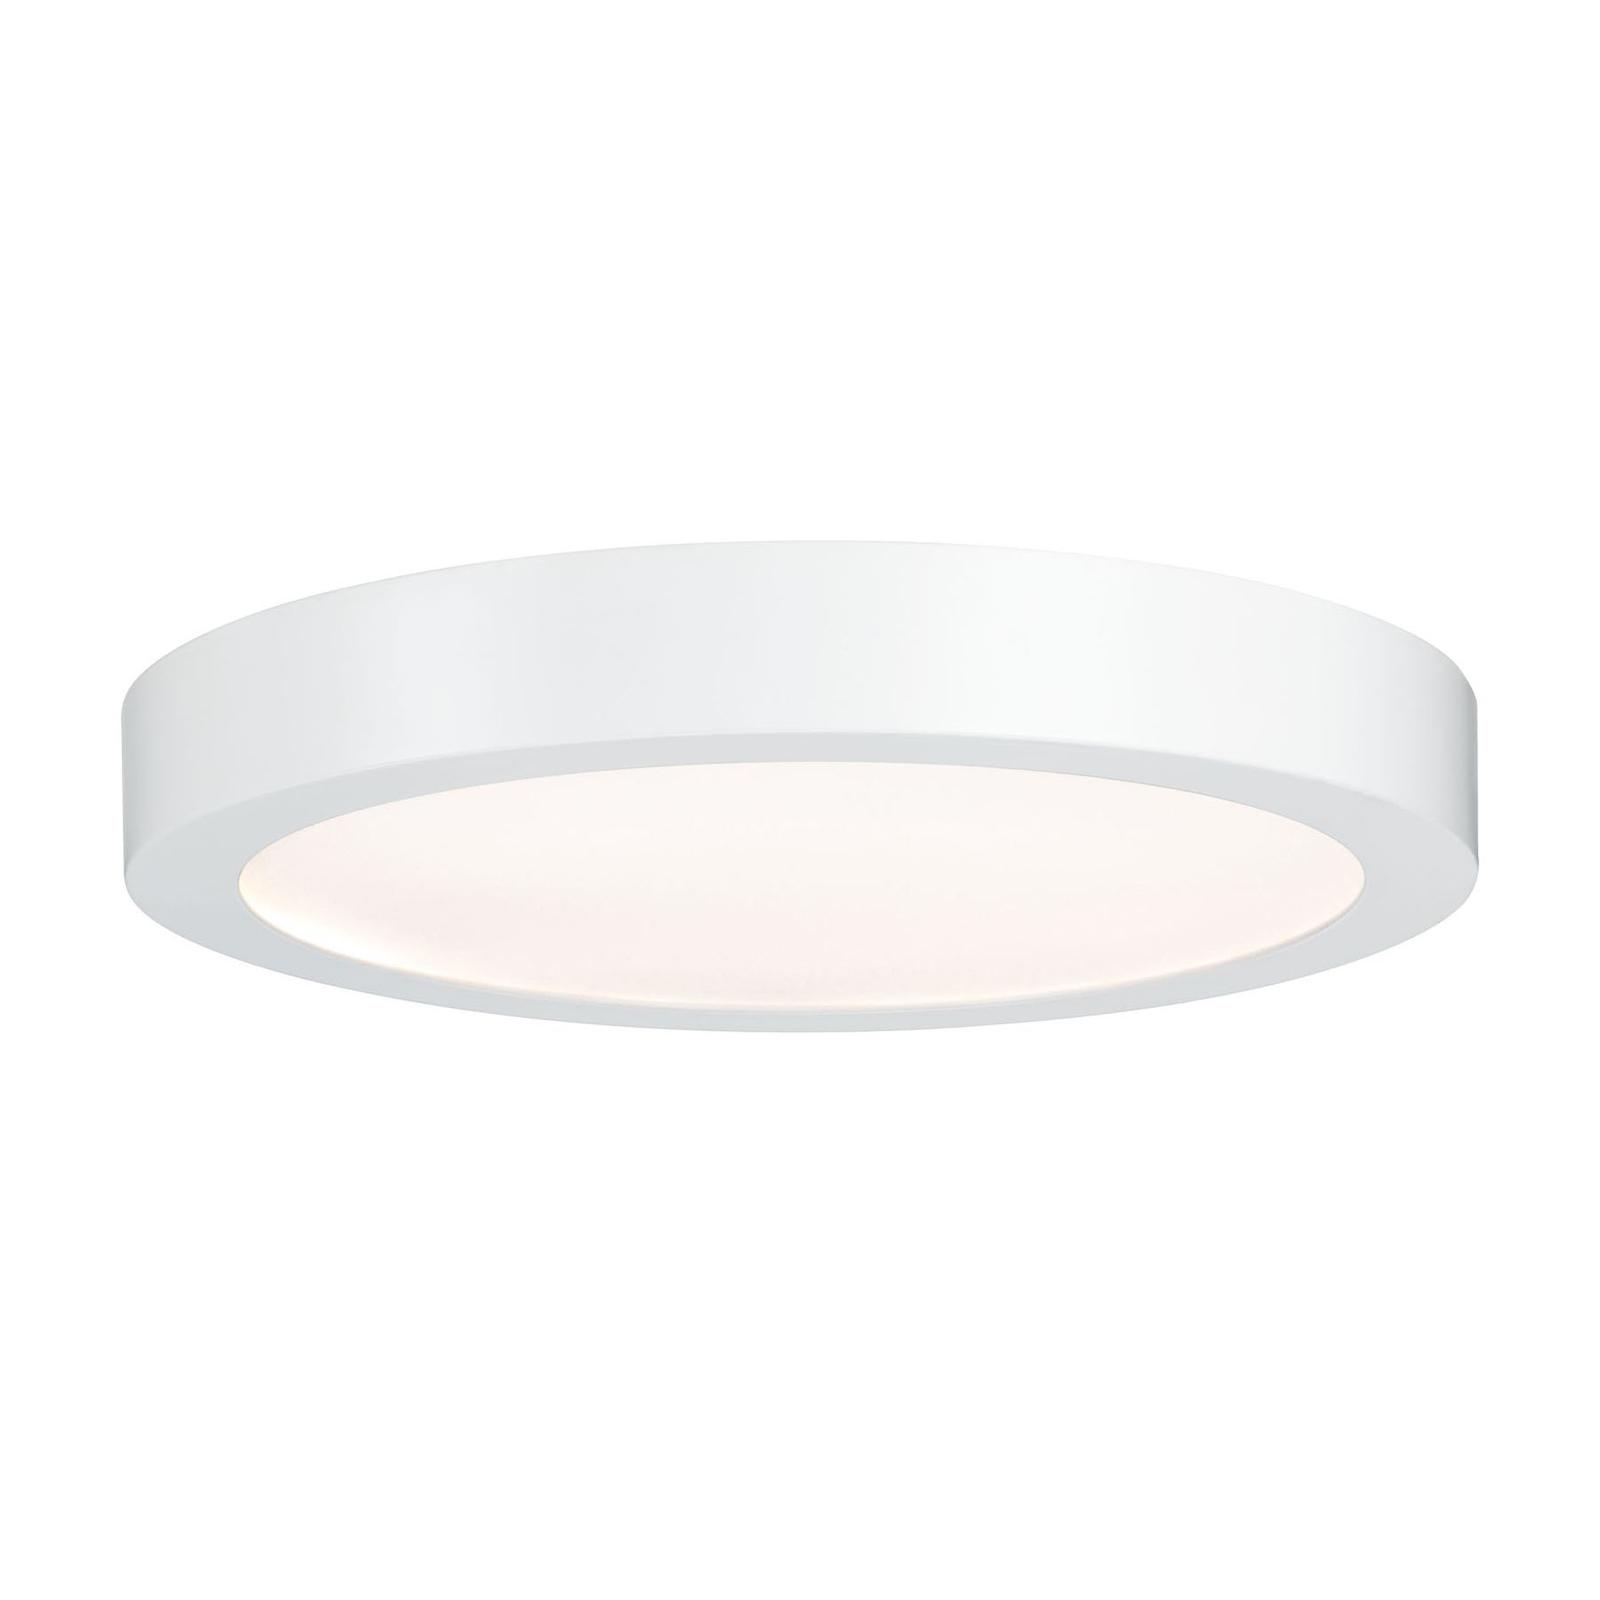 Paulmann Lunar LED-Panel, rund, Ø 30 cm, weiß matt